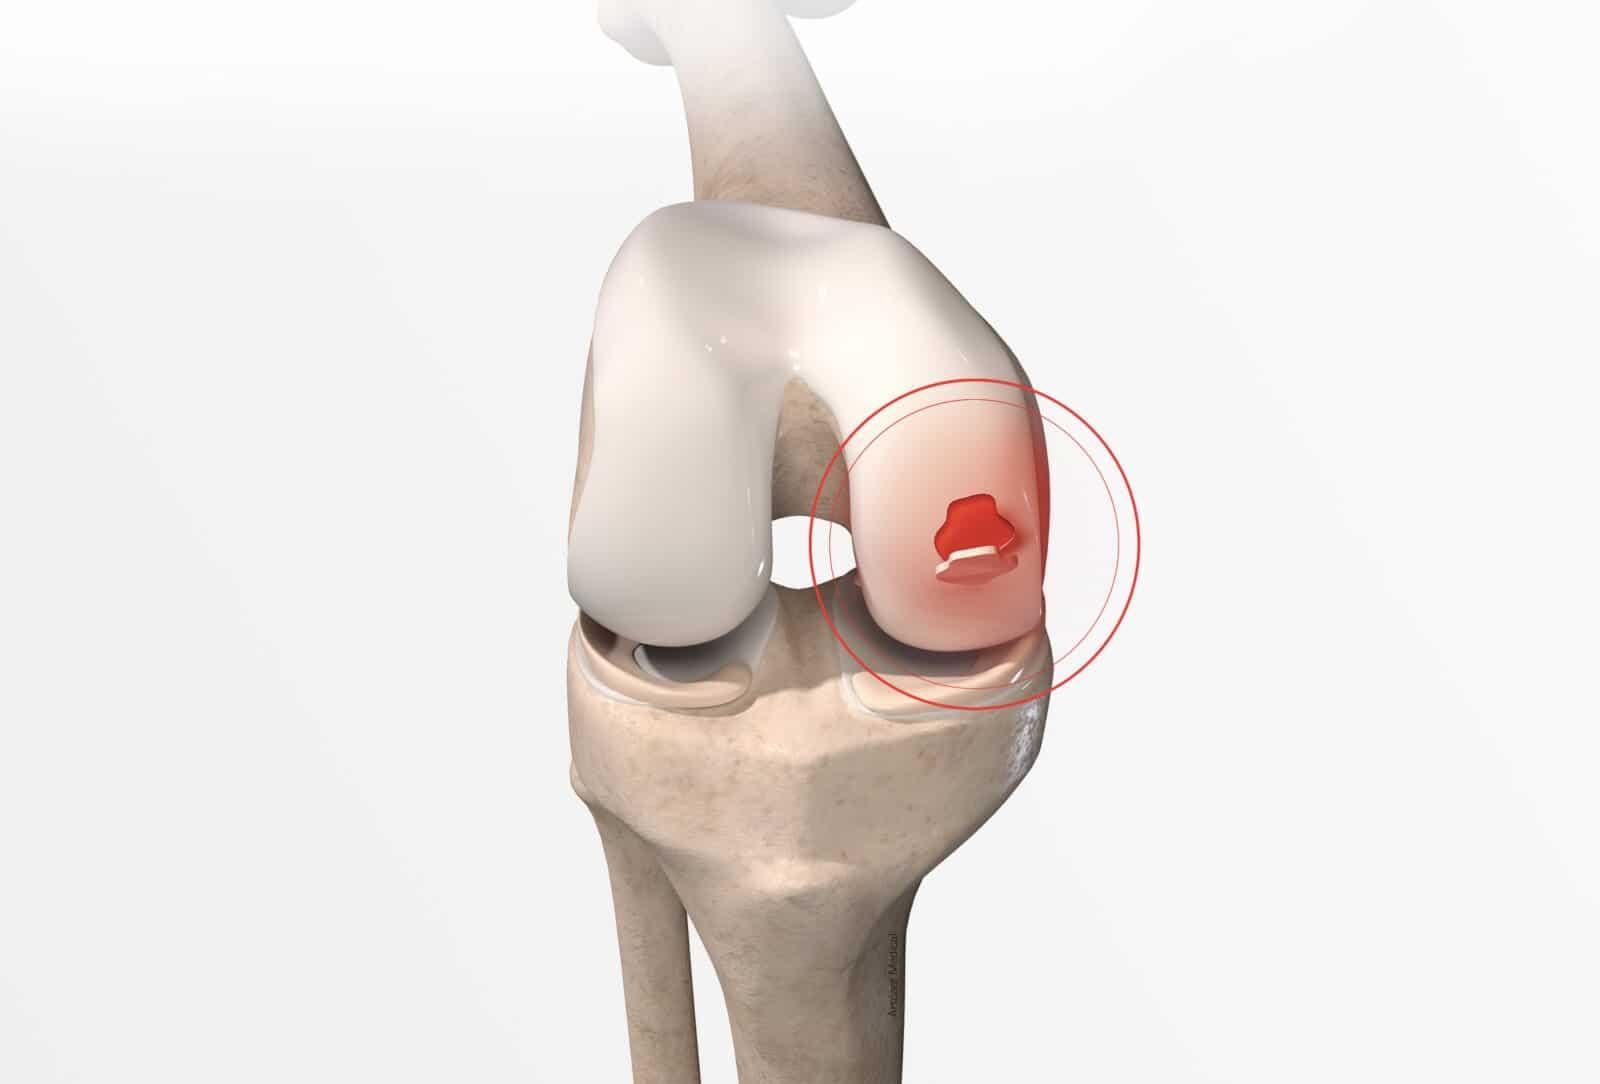 Traitement de la lésion du cartilage du genou (cartilage genou abimé) à Paris - Dr Paillard